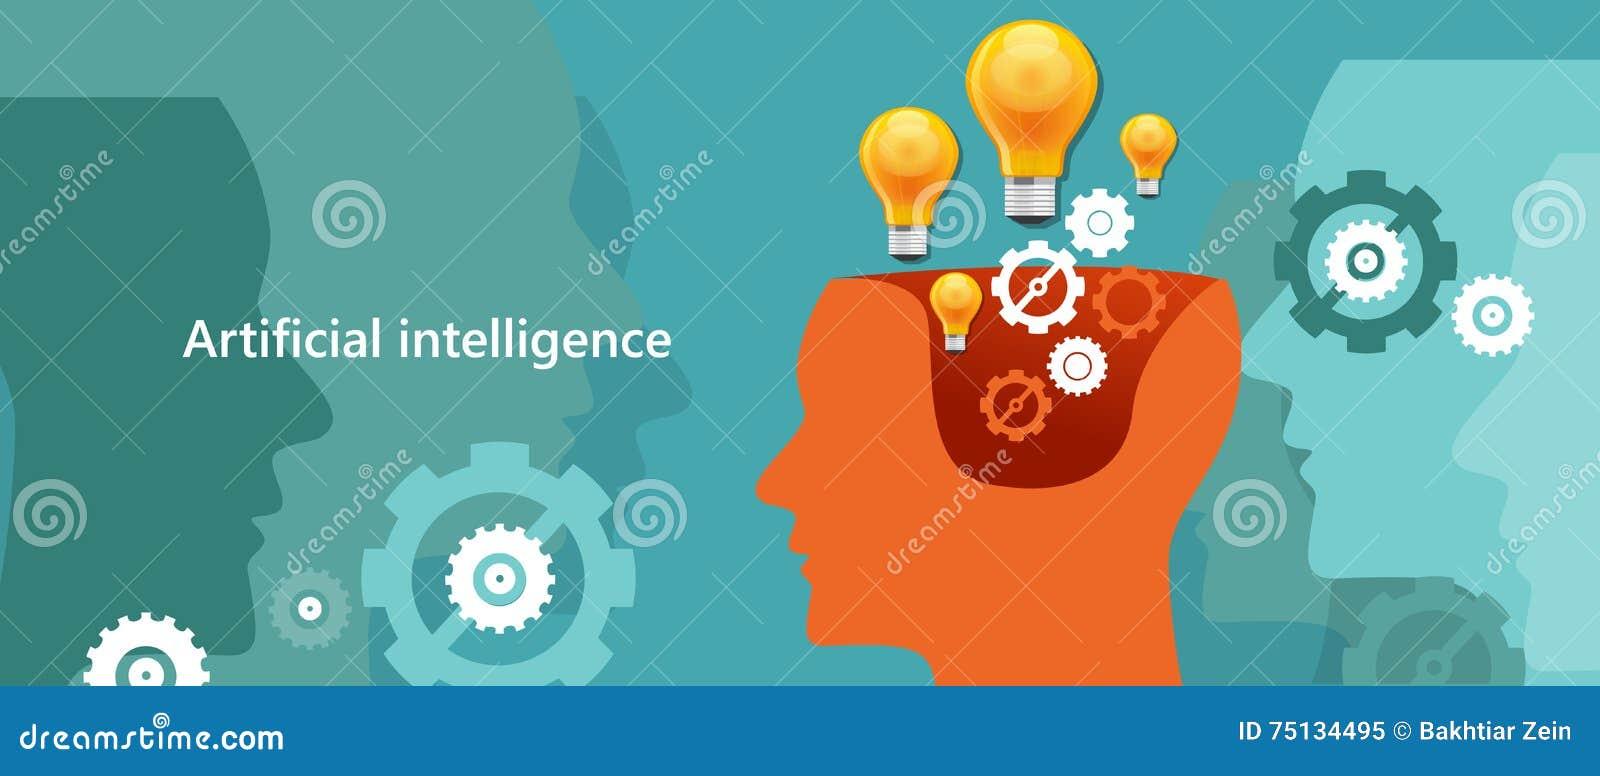 Informática da inteligência artificial do AI a criar humano-como o cérebro do robô